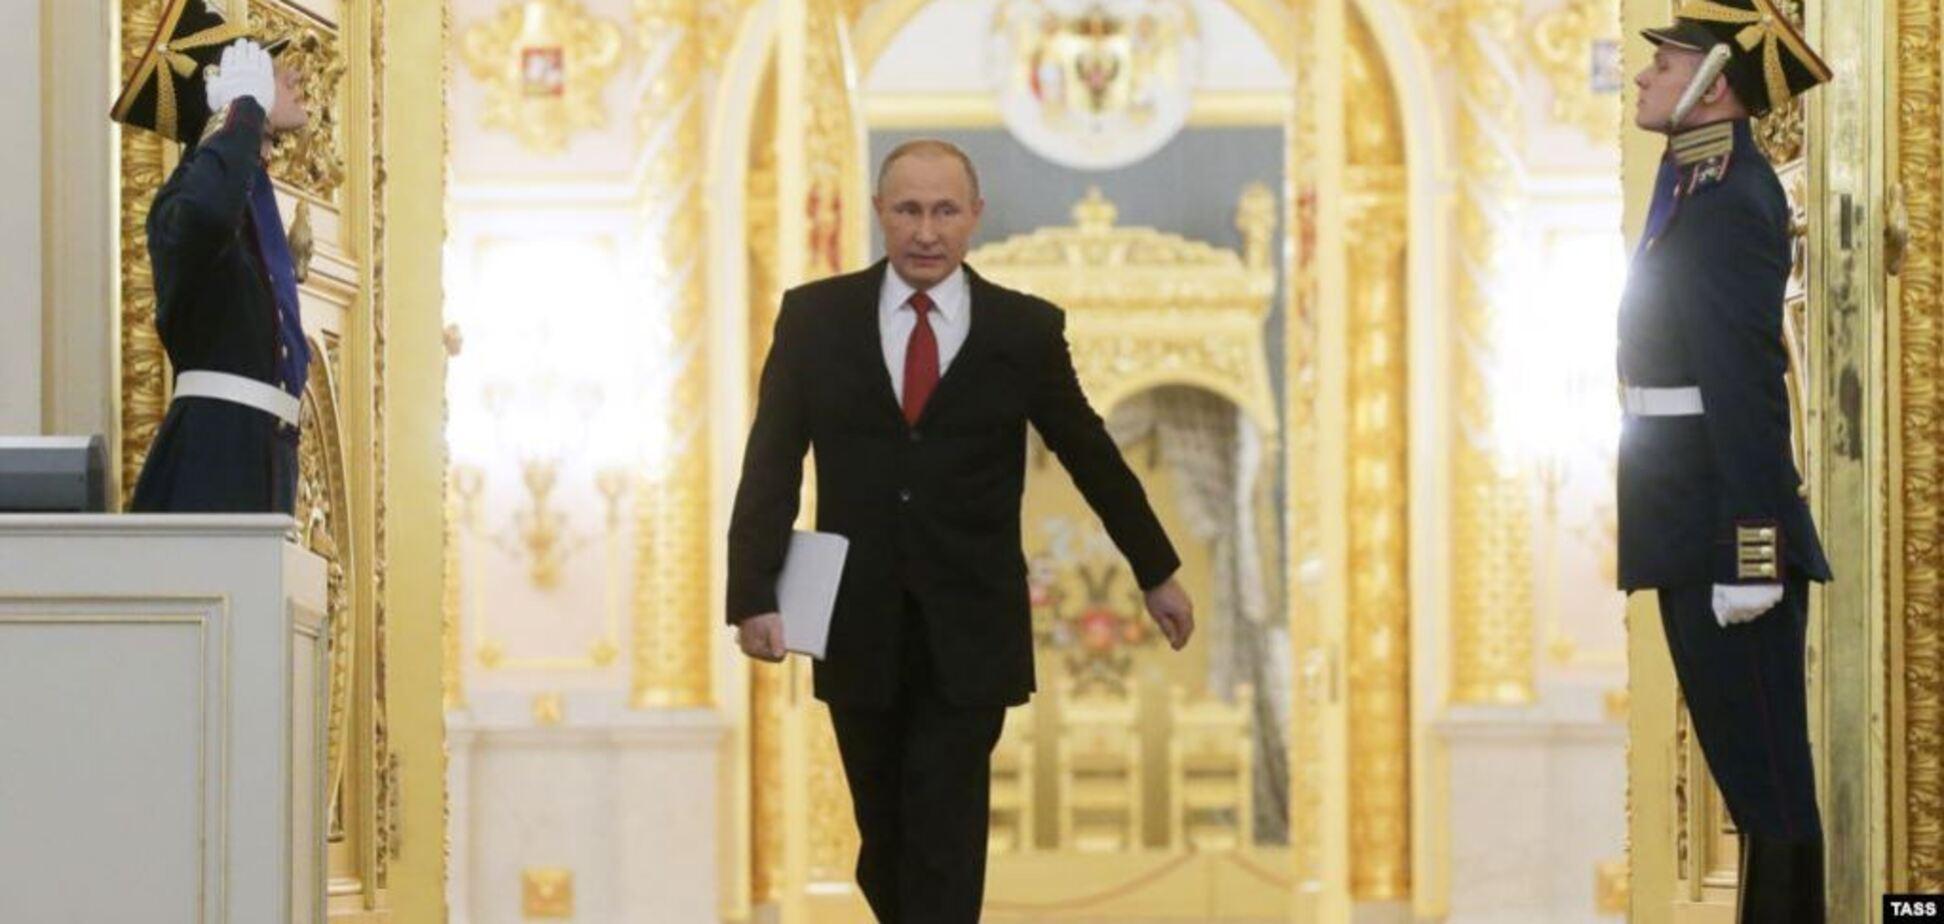 'Все грехи на него списывают': генерал КГБ оценил возможность дворцового переворота в России